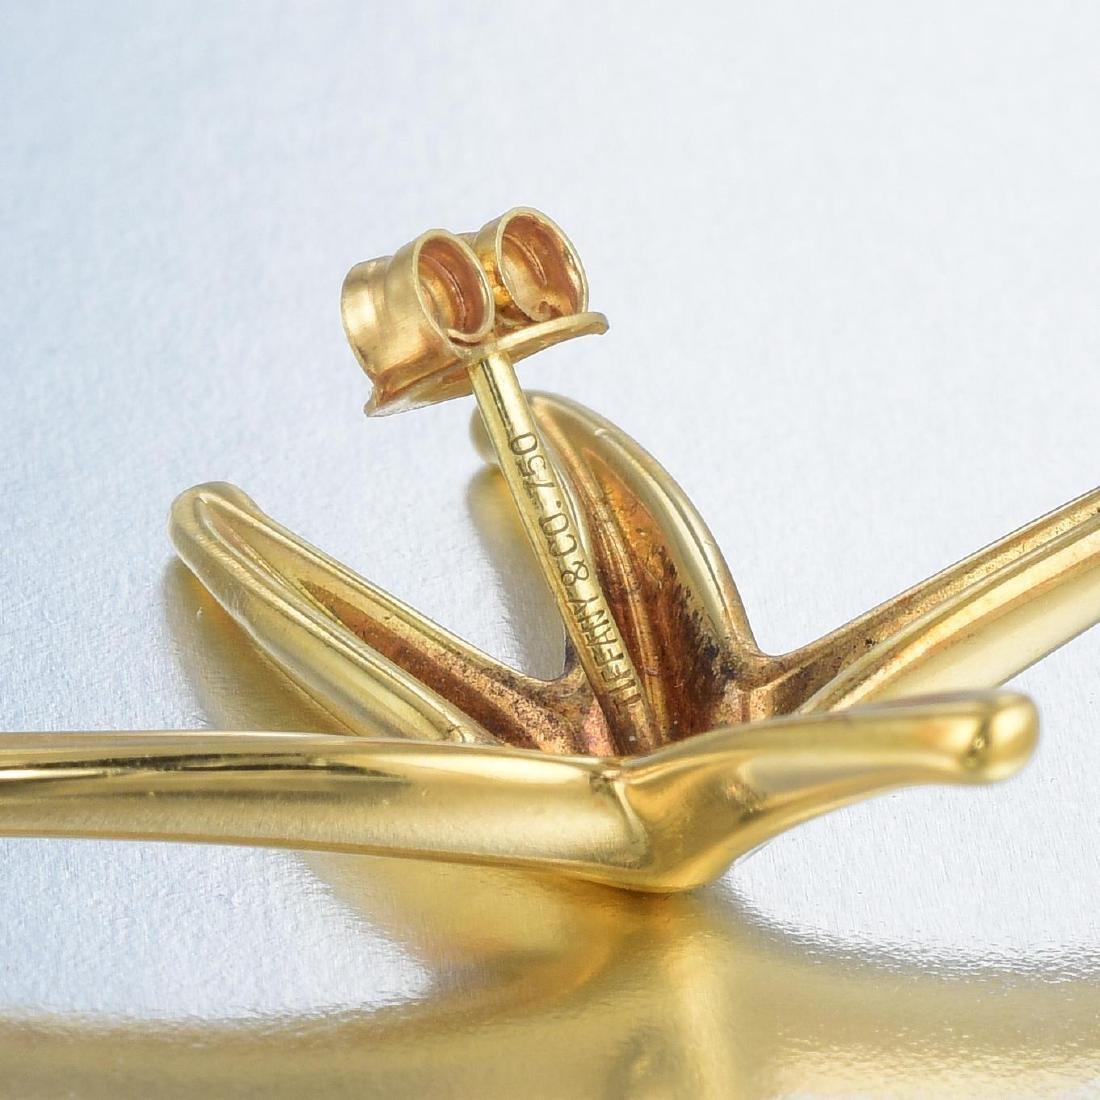 Tiffany & Co. Elsa Peretti Starfish Pendant Necklace - 7